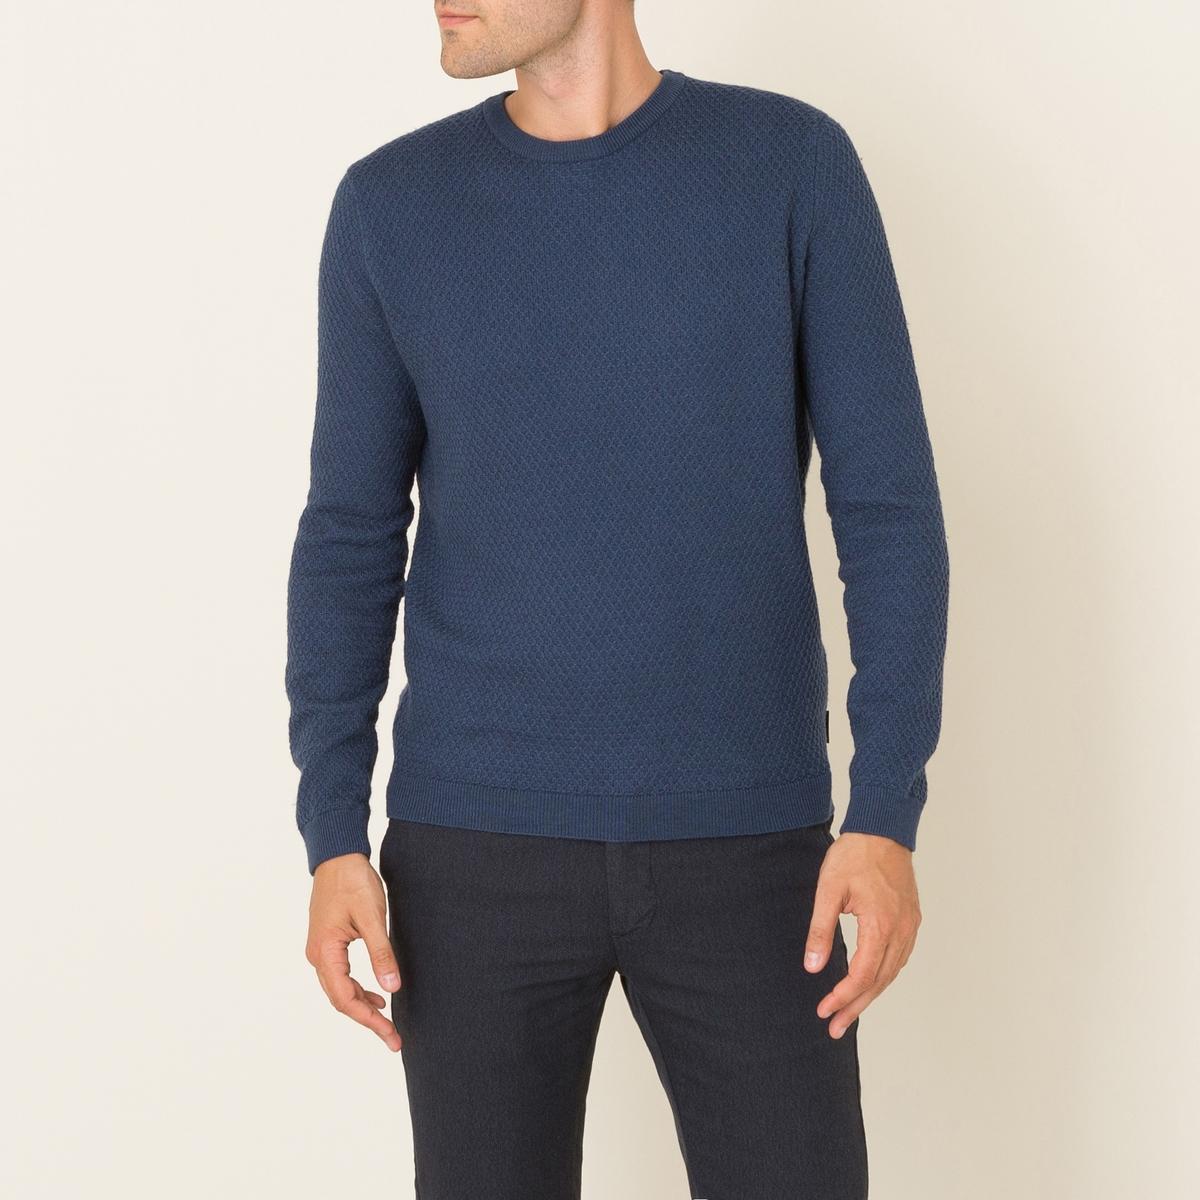 Пуловер SALVIANOПуловер HARRIS WILSON - модель SALVIANO. Оригинальный рельефный трикотаж. Круглый вырез. Длинные рукава. Края рукавов и низа связаны в рубчик. Состав и описание Материал : 70% хлопка, 30% шерстиМарка : HARRIS WILSON<br><br>Цвет: синий